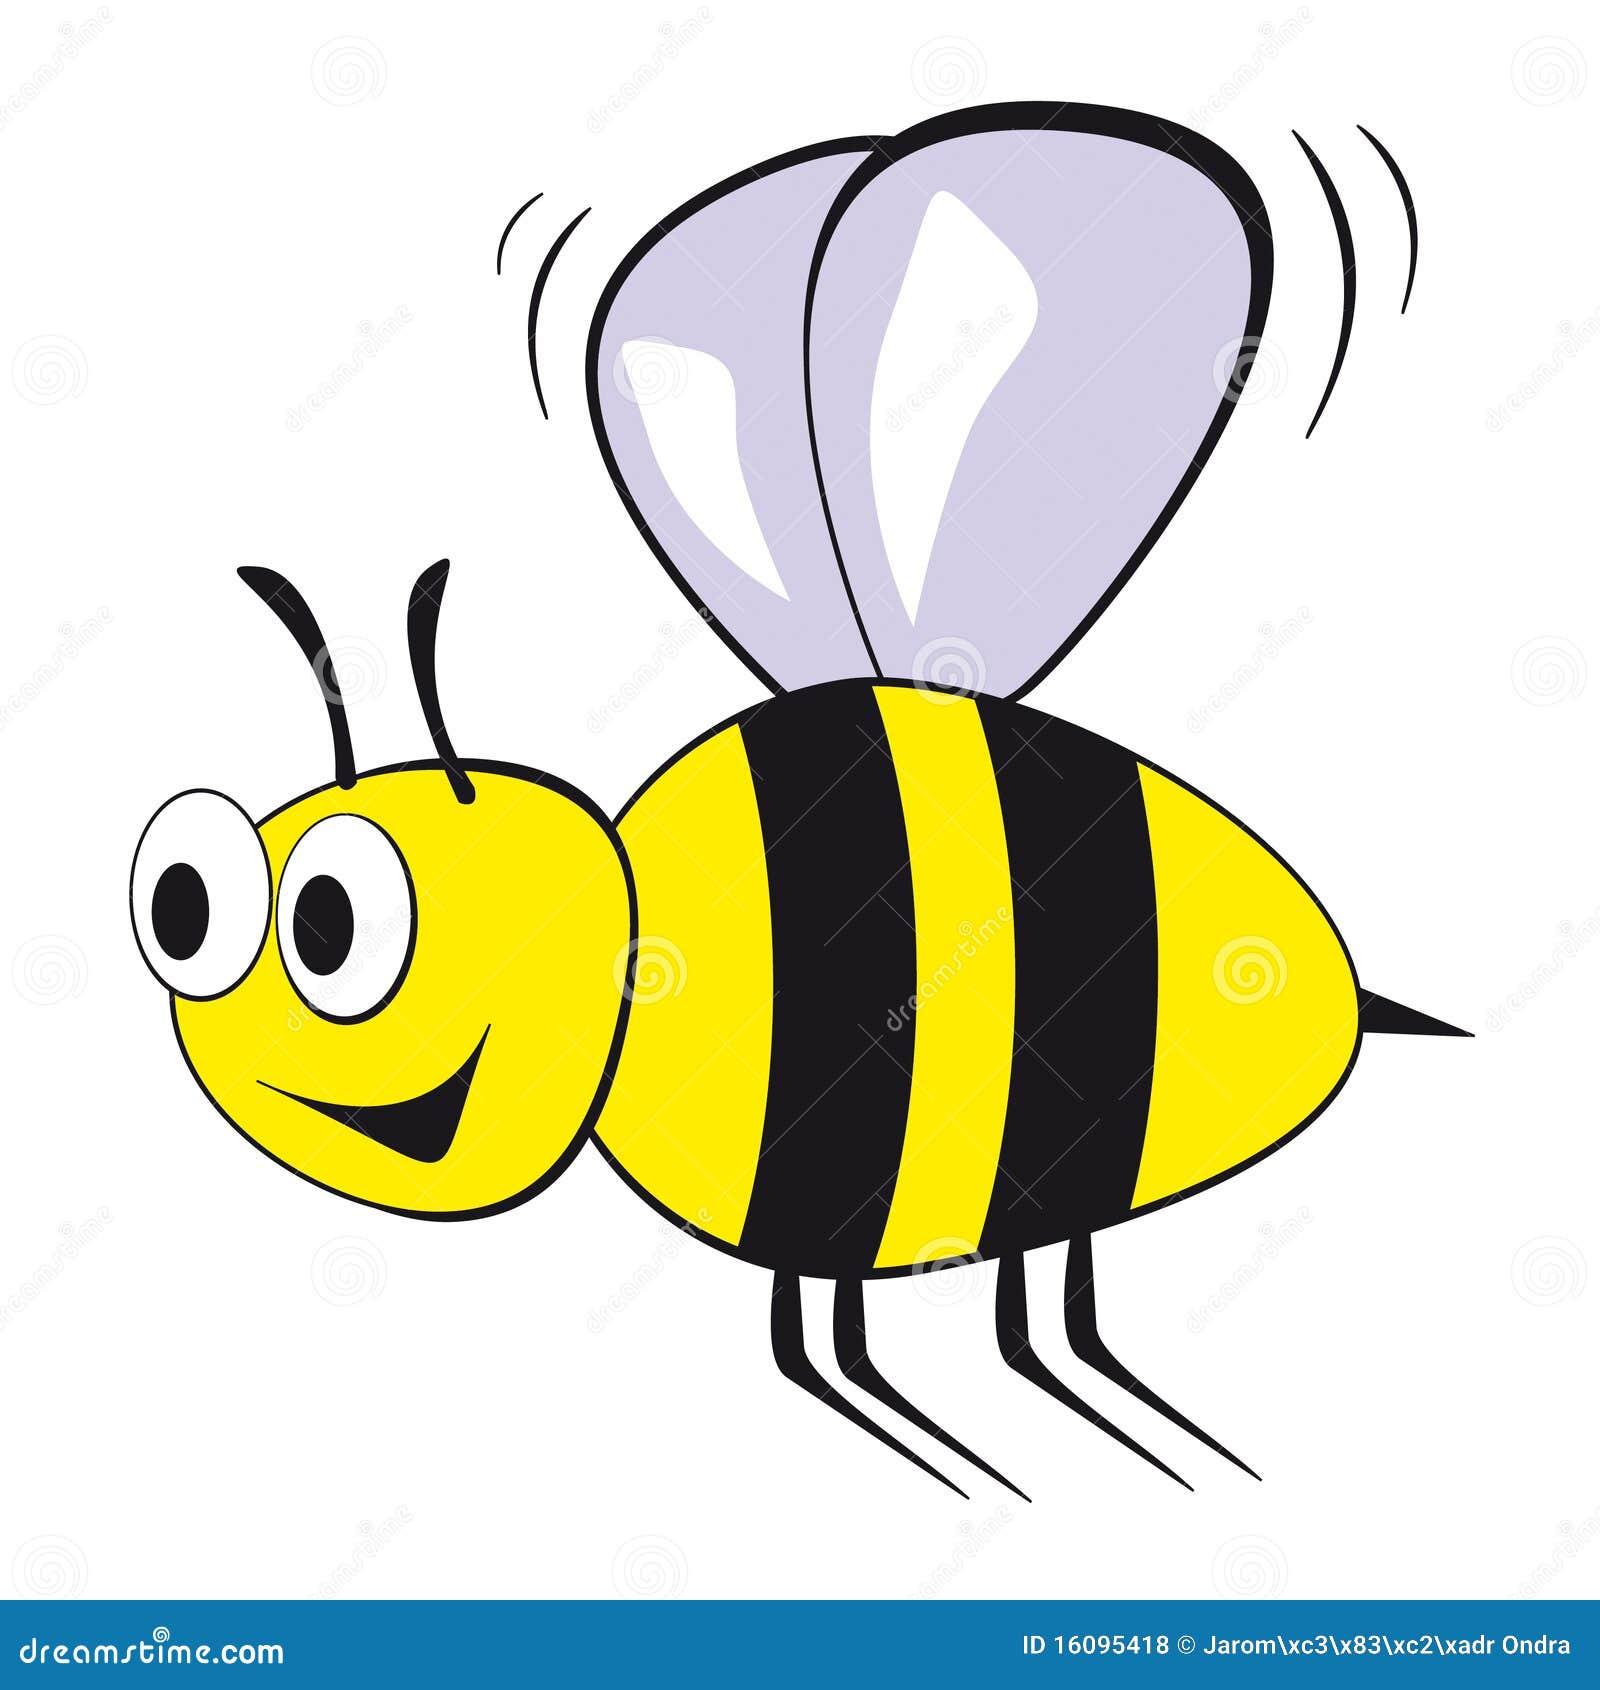 Cartoon bees flying - photo#6